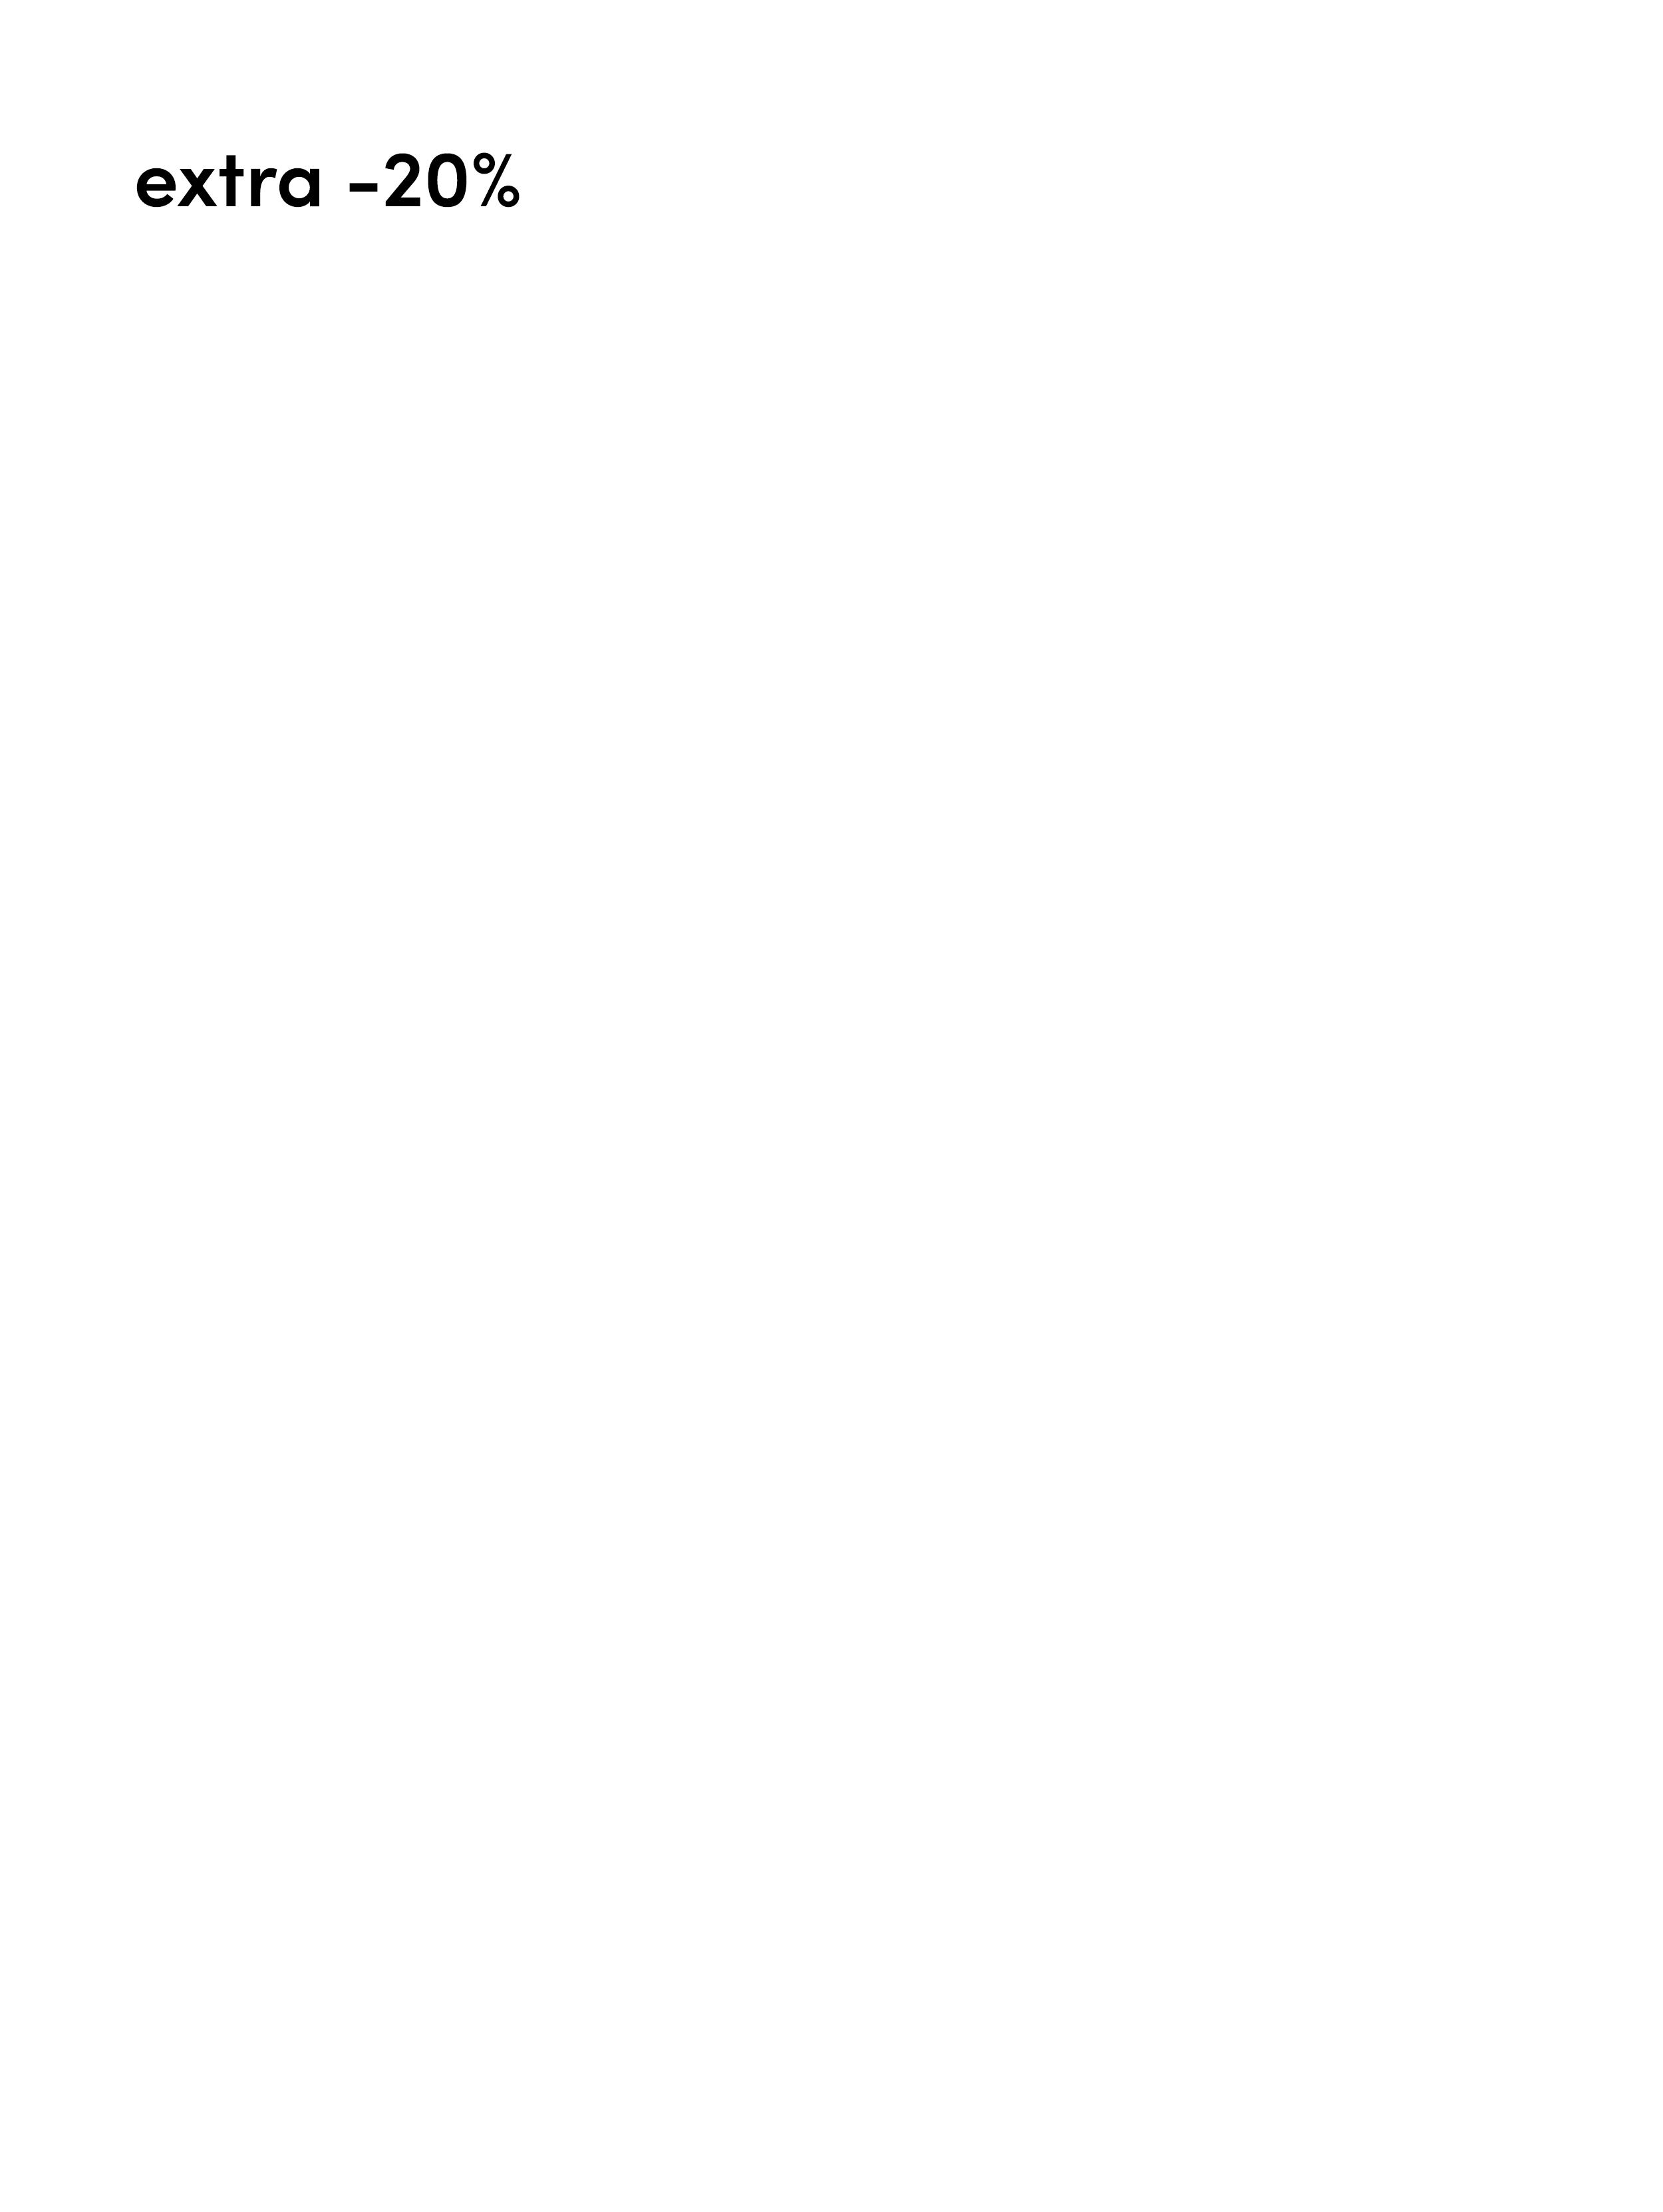 PLCZSK_Extra -20%